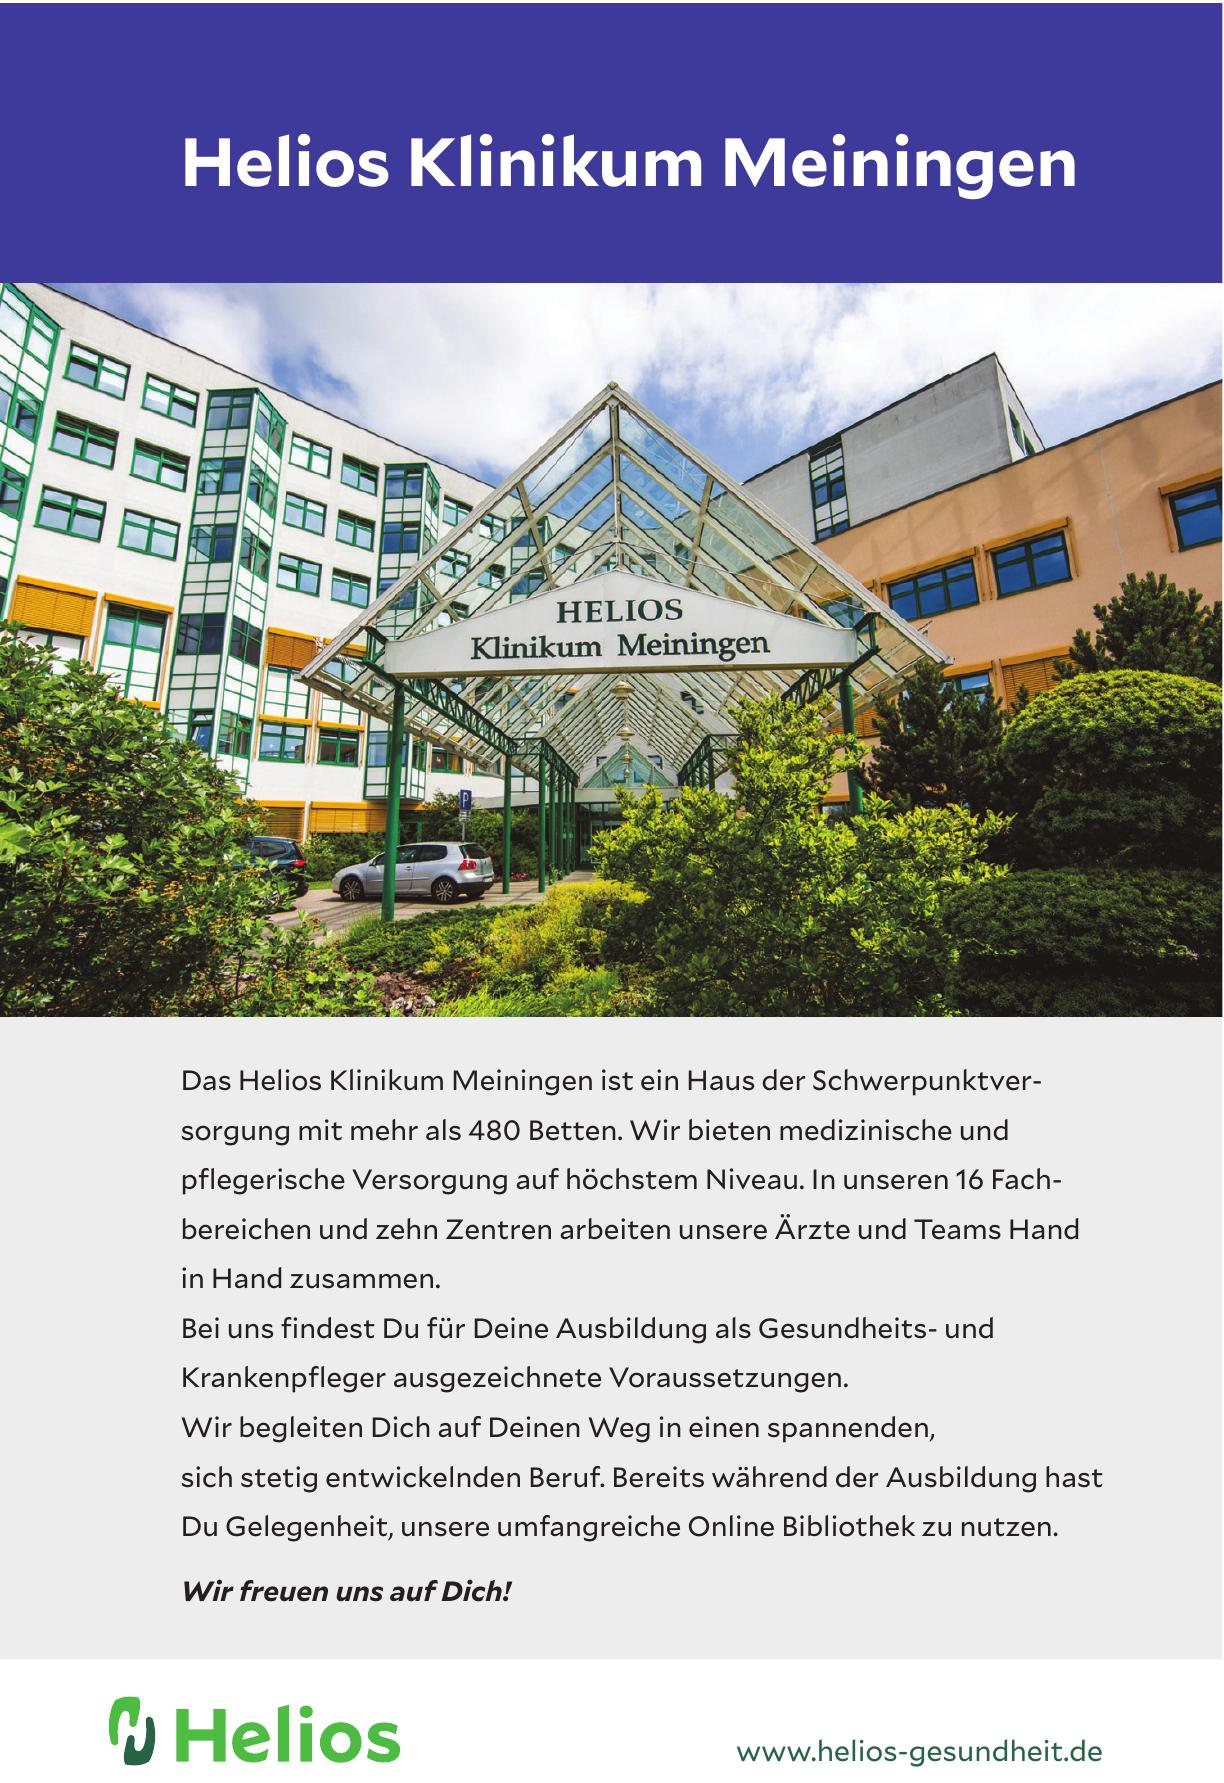 Helios Klinikum Meiningen